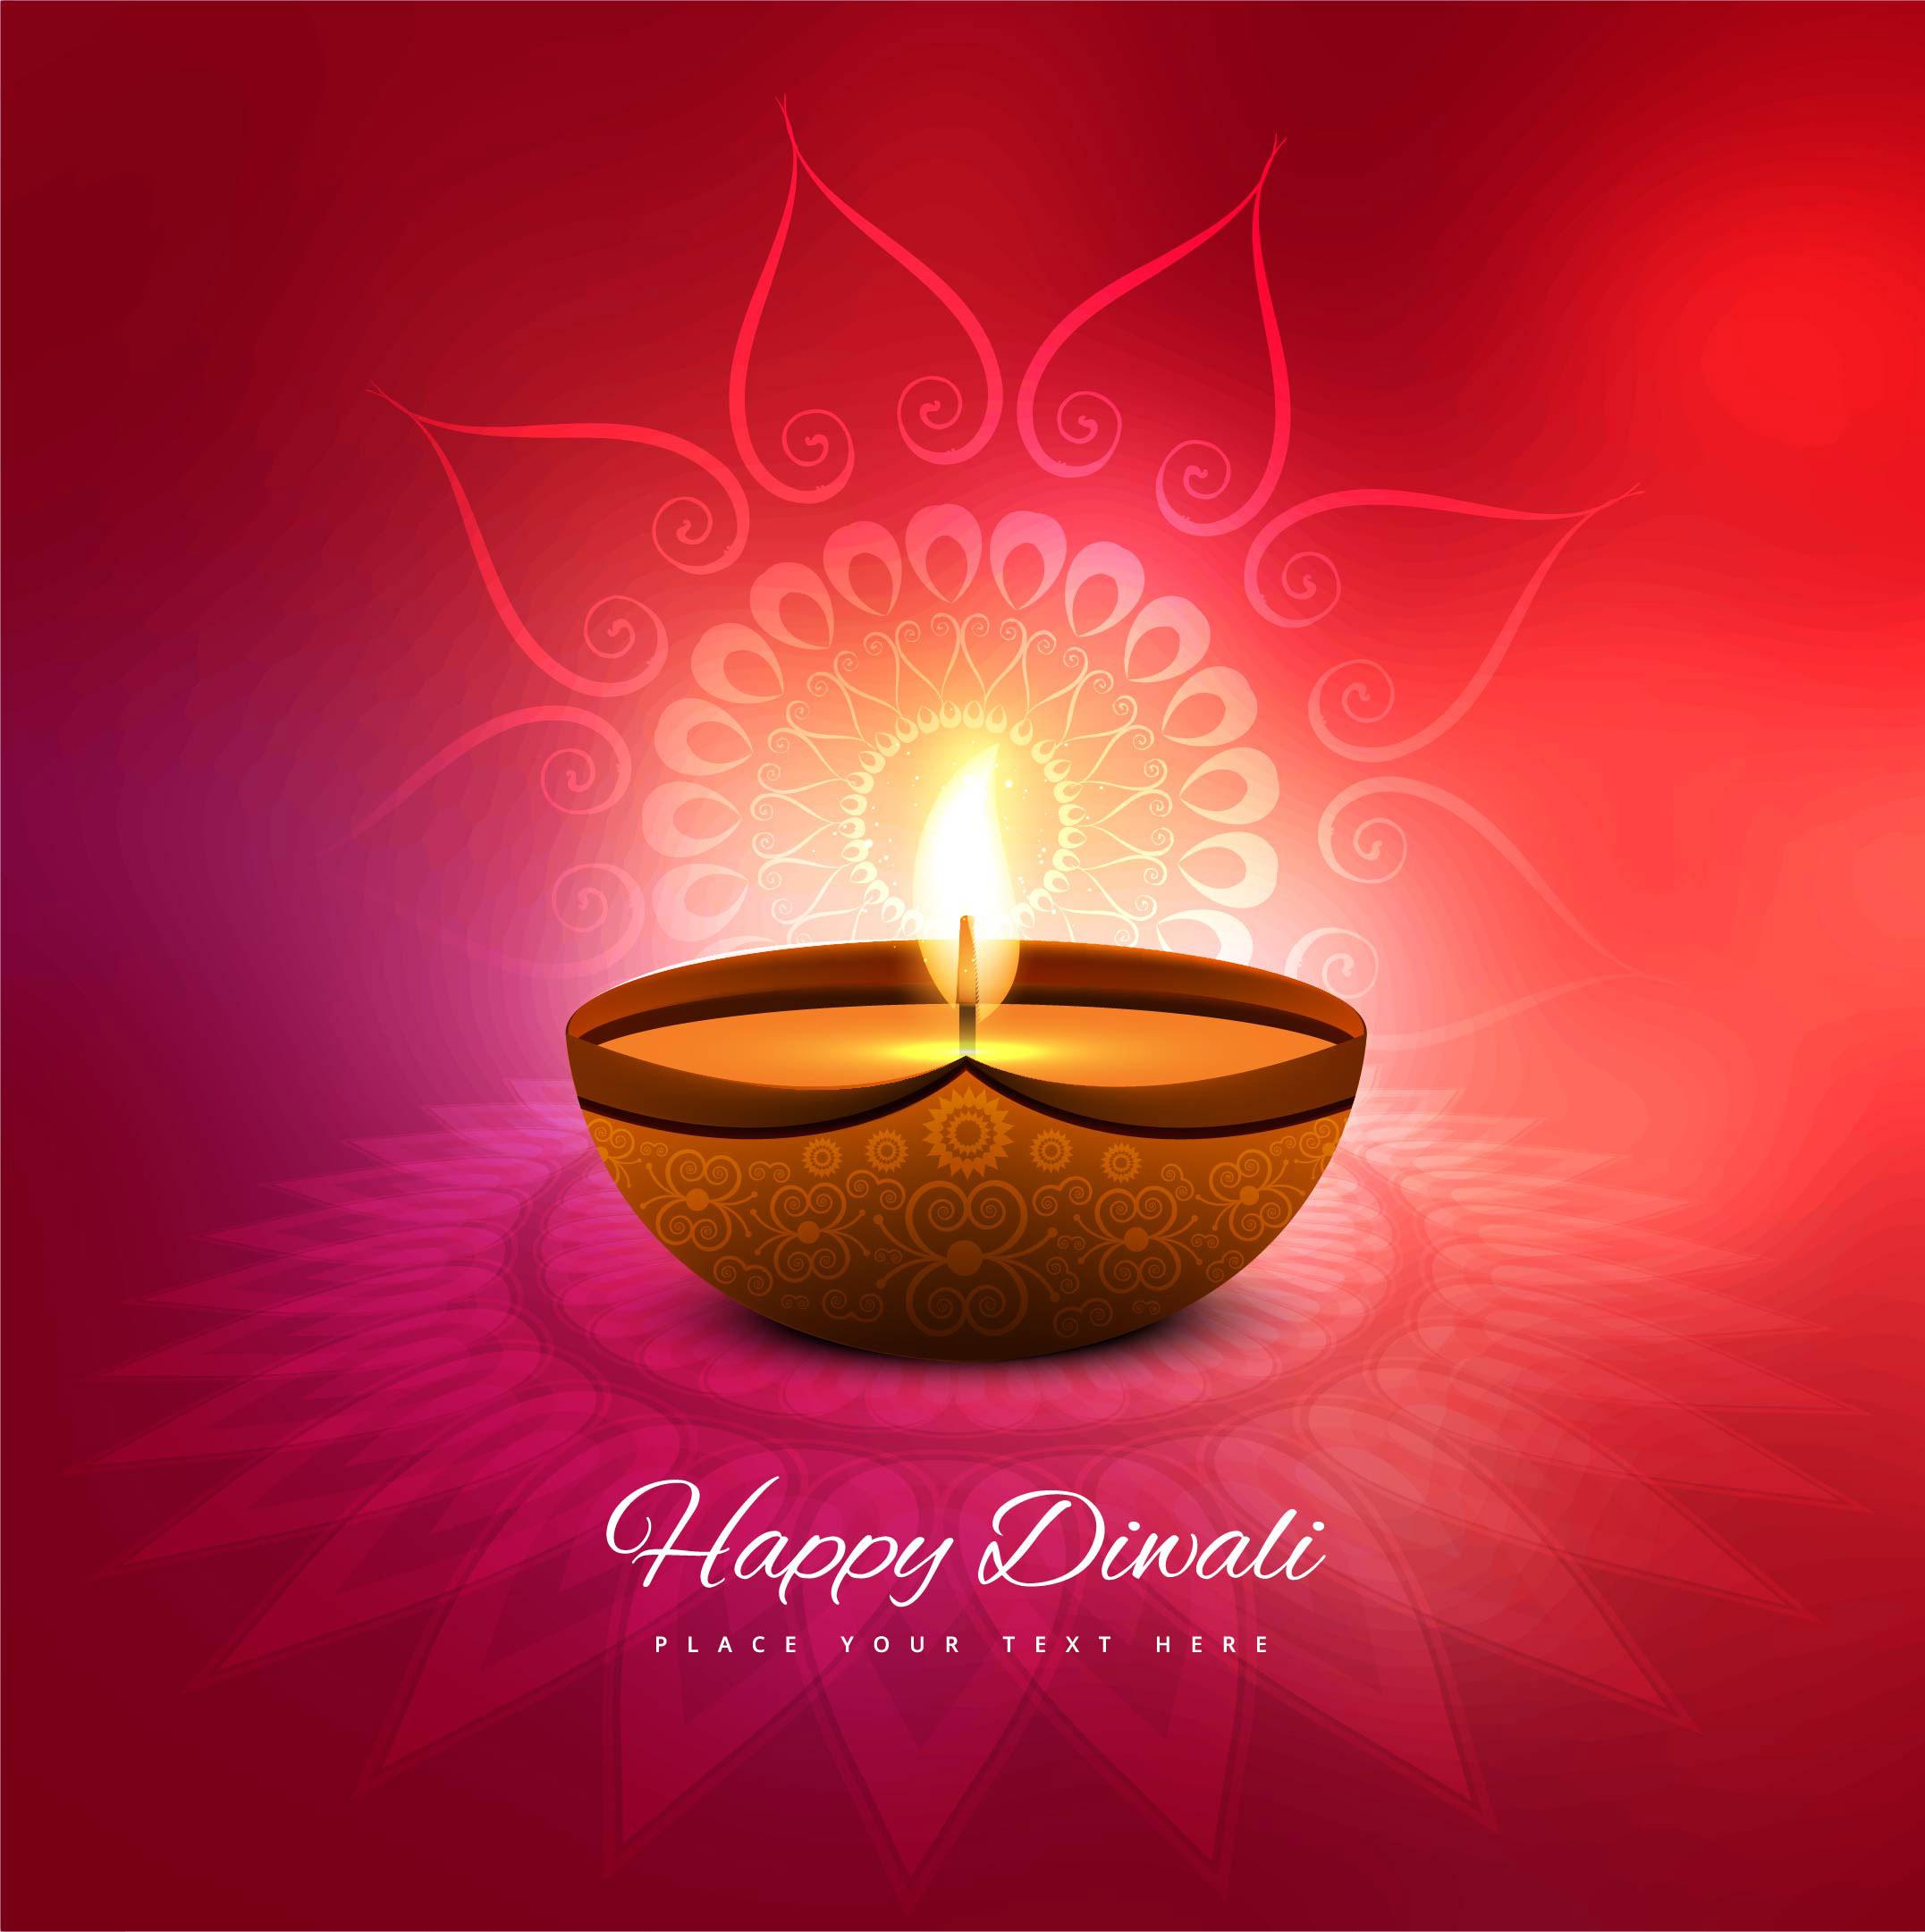 Abstrait Brillant Beau Diwali Telecharger Vectoriel Gratuit Clipart Graphique Vecteur Dessins Et Pictogramme Gratuit